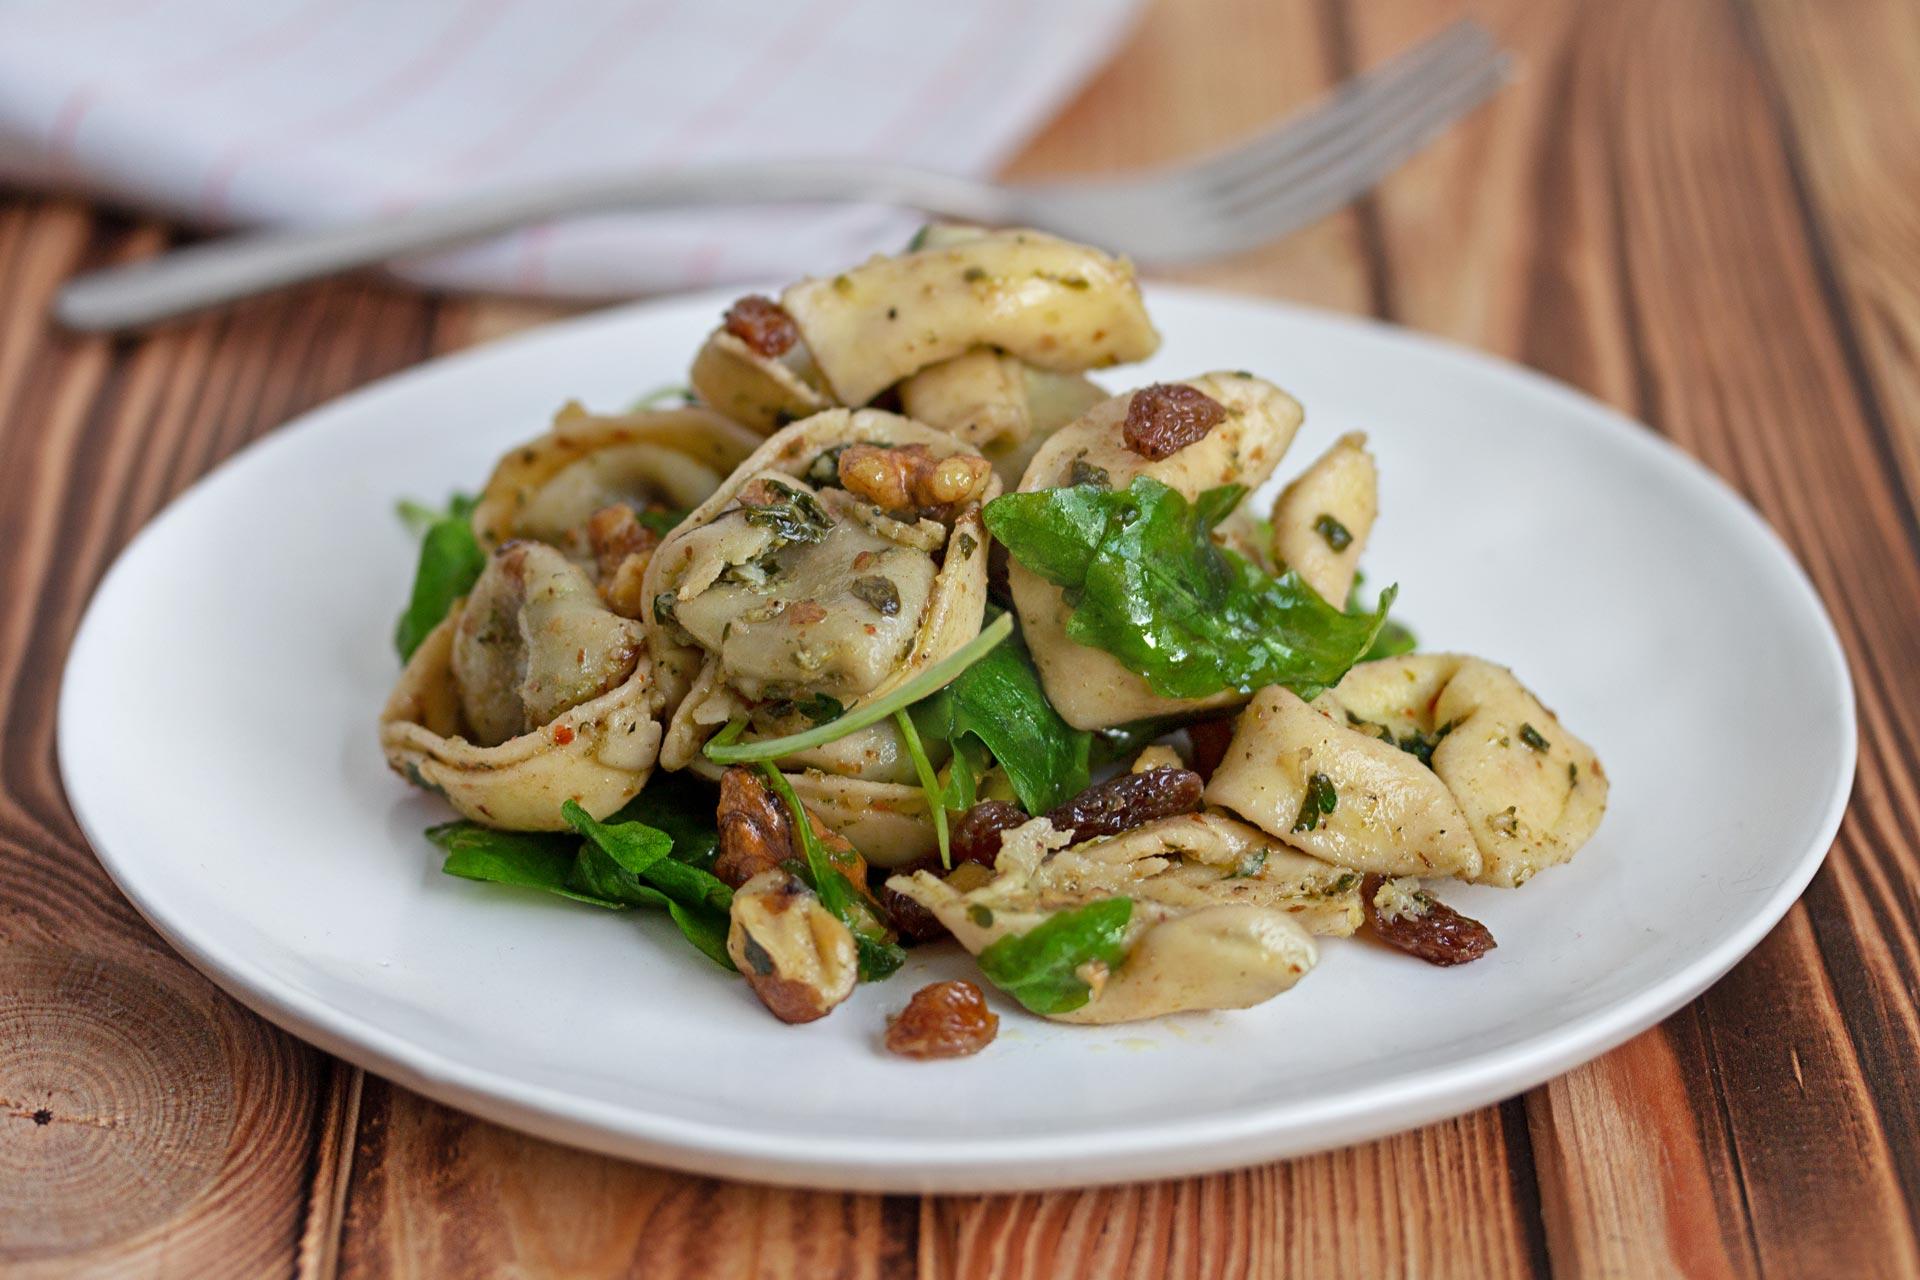 Herbstlicher Tortellini Salat mit Walnüssen, Rosinen, Rucola und Krauter Dressing